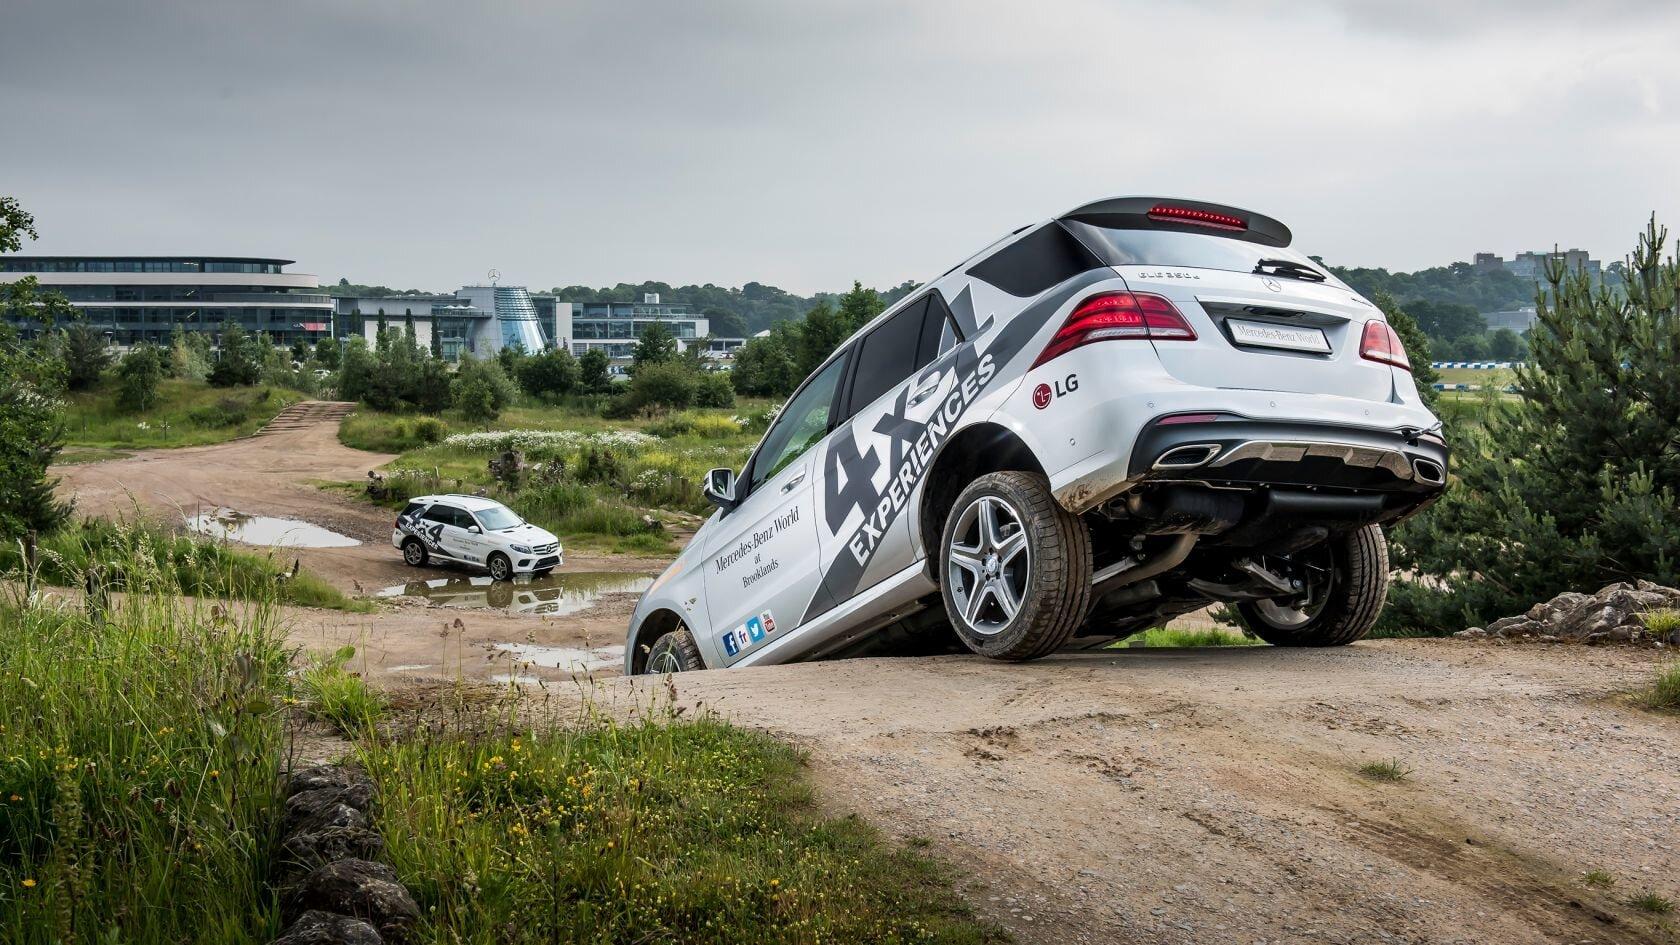 Image courtesy of: Mercedes Benz UK